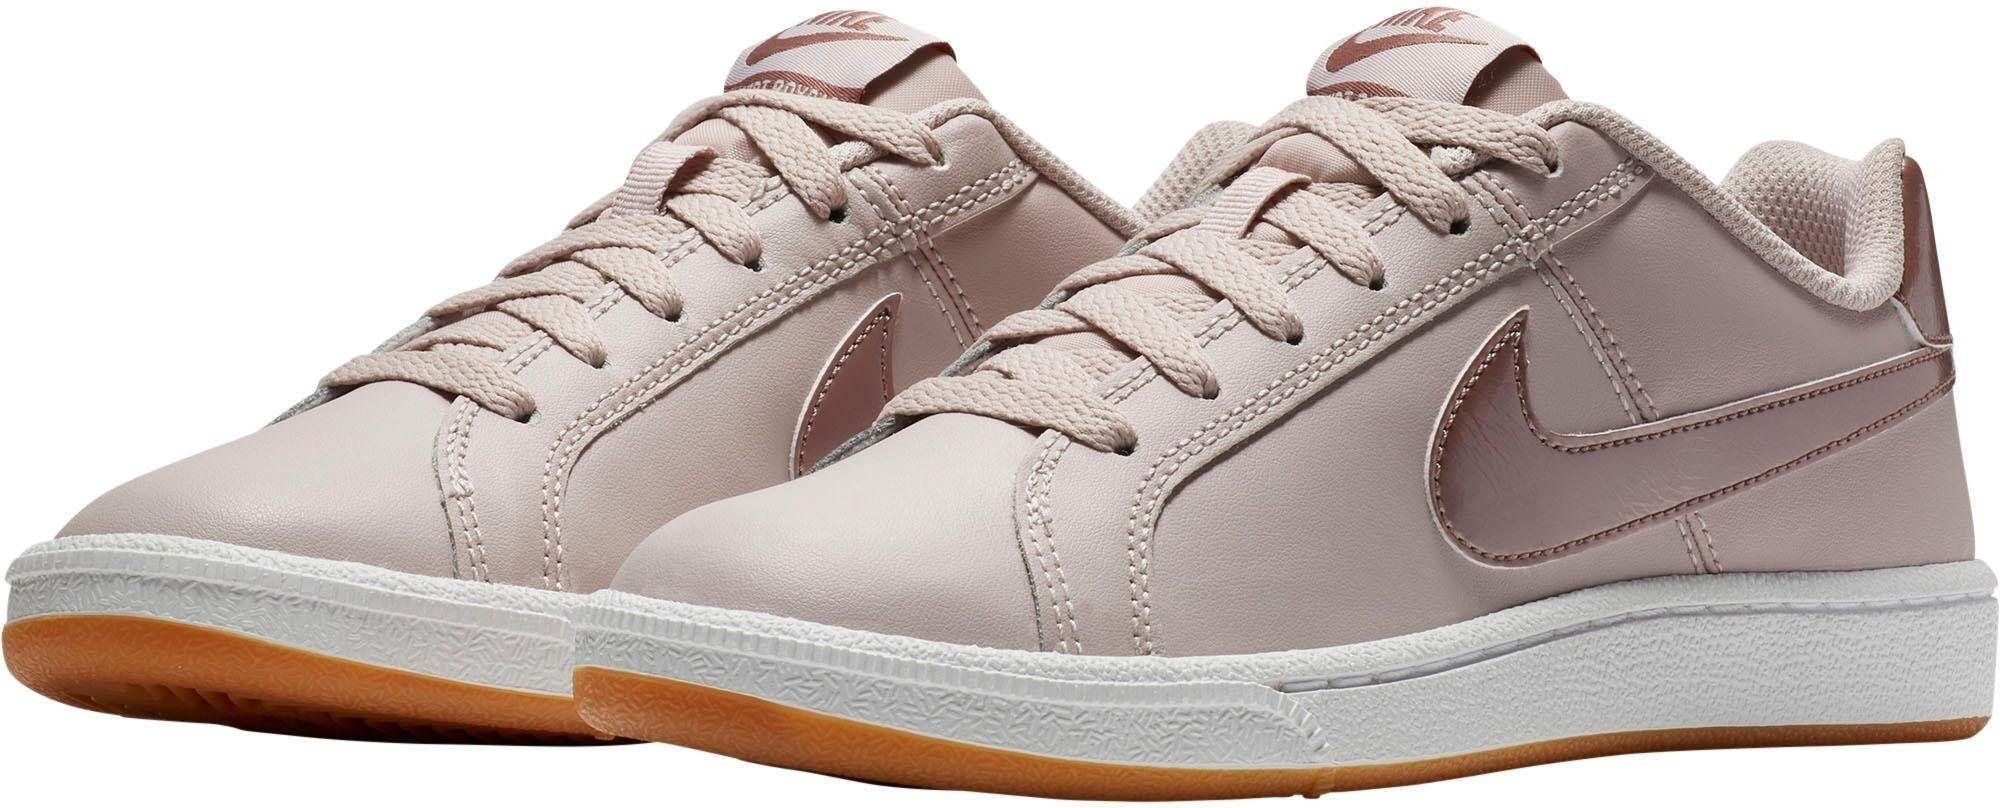 Nike Sportswear »Wmns Court Royale« Sneaker, rosé